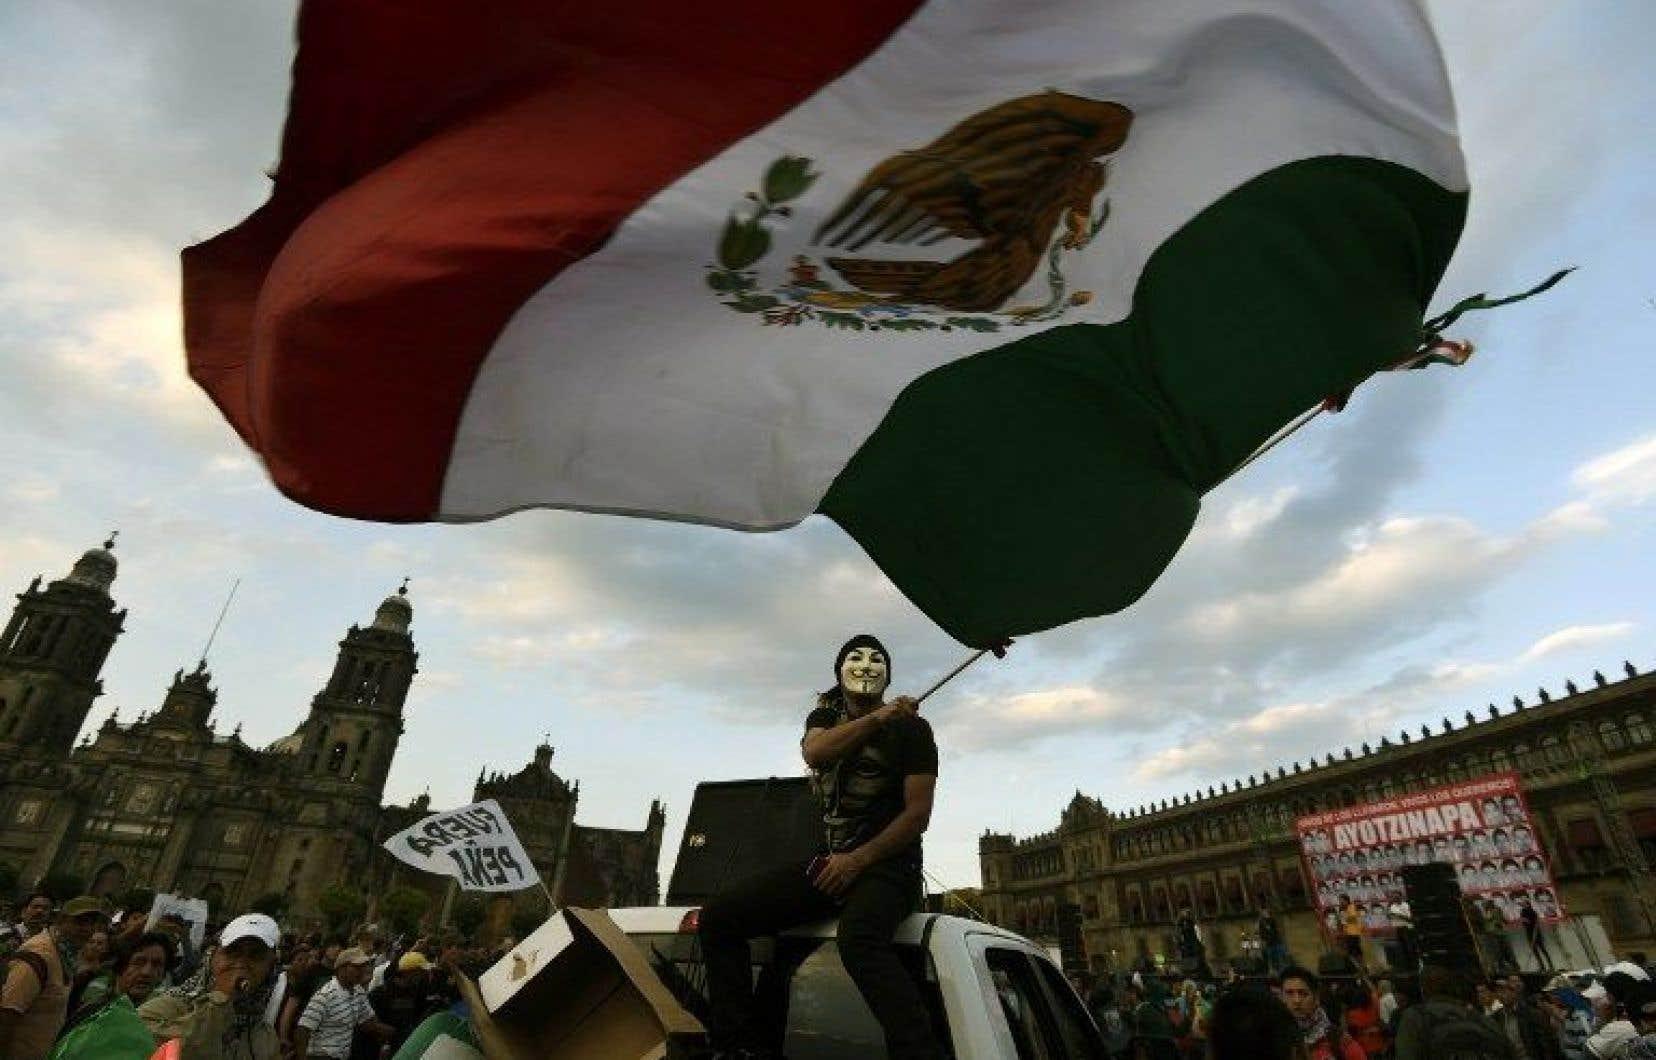 Les parents des victimes, qui ont manifesté lundi avec plusieurs milliers de personnes à Mexico, refusent d'accepter le scénario présenté par les autorités judiciaires.<br />